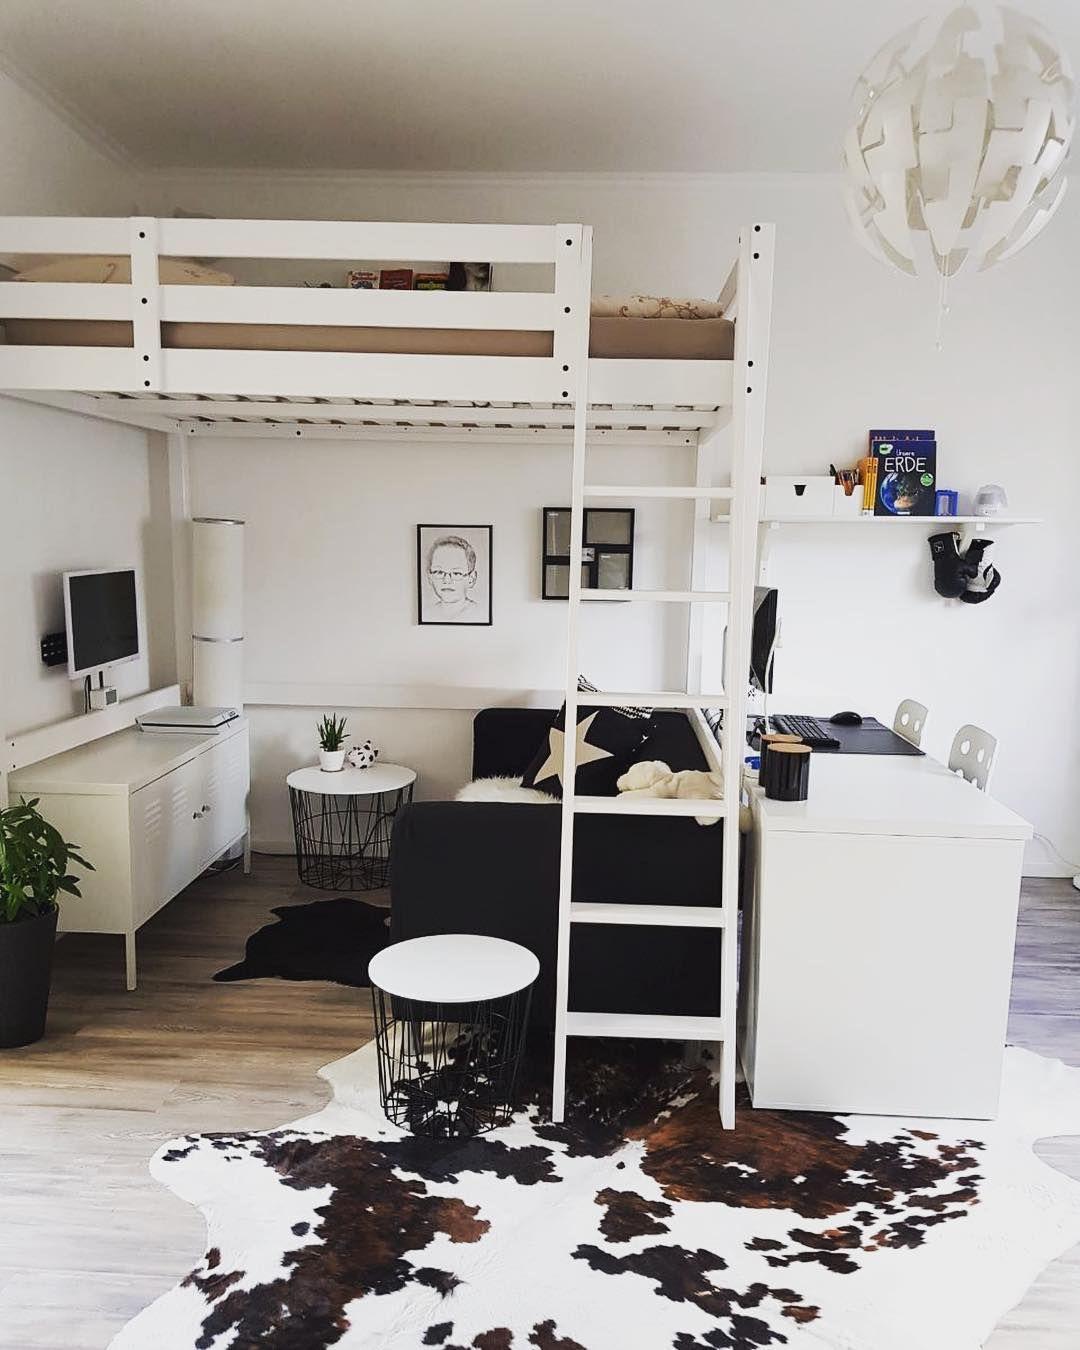 """Sibylle@home on Instagram: """"Jugendzimmer. Neu gestaltet....Mein Junge von 12 Jahren freut sich wie Bolle...#jugendzimmer #ikea #kinderzimmer #hochbett #kuhfell…"""""""